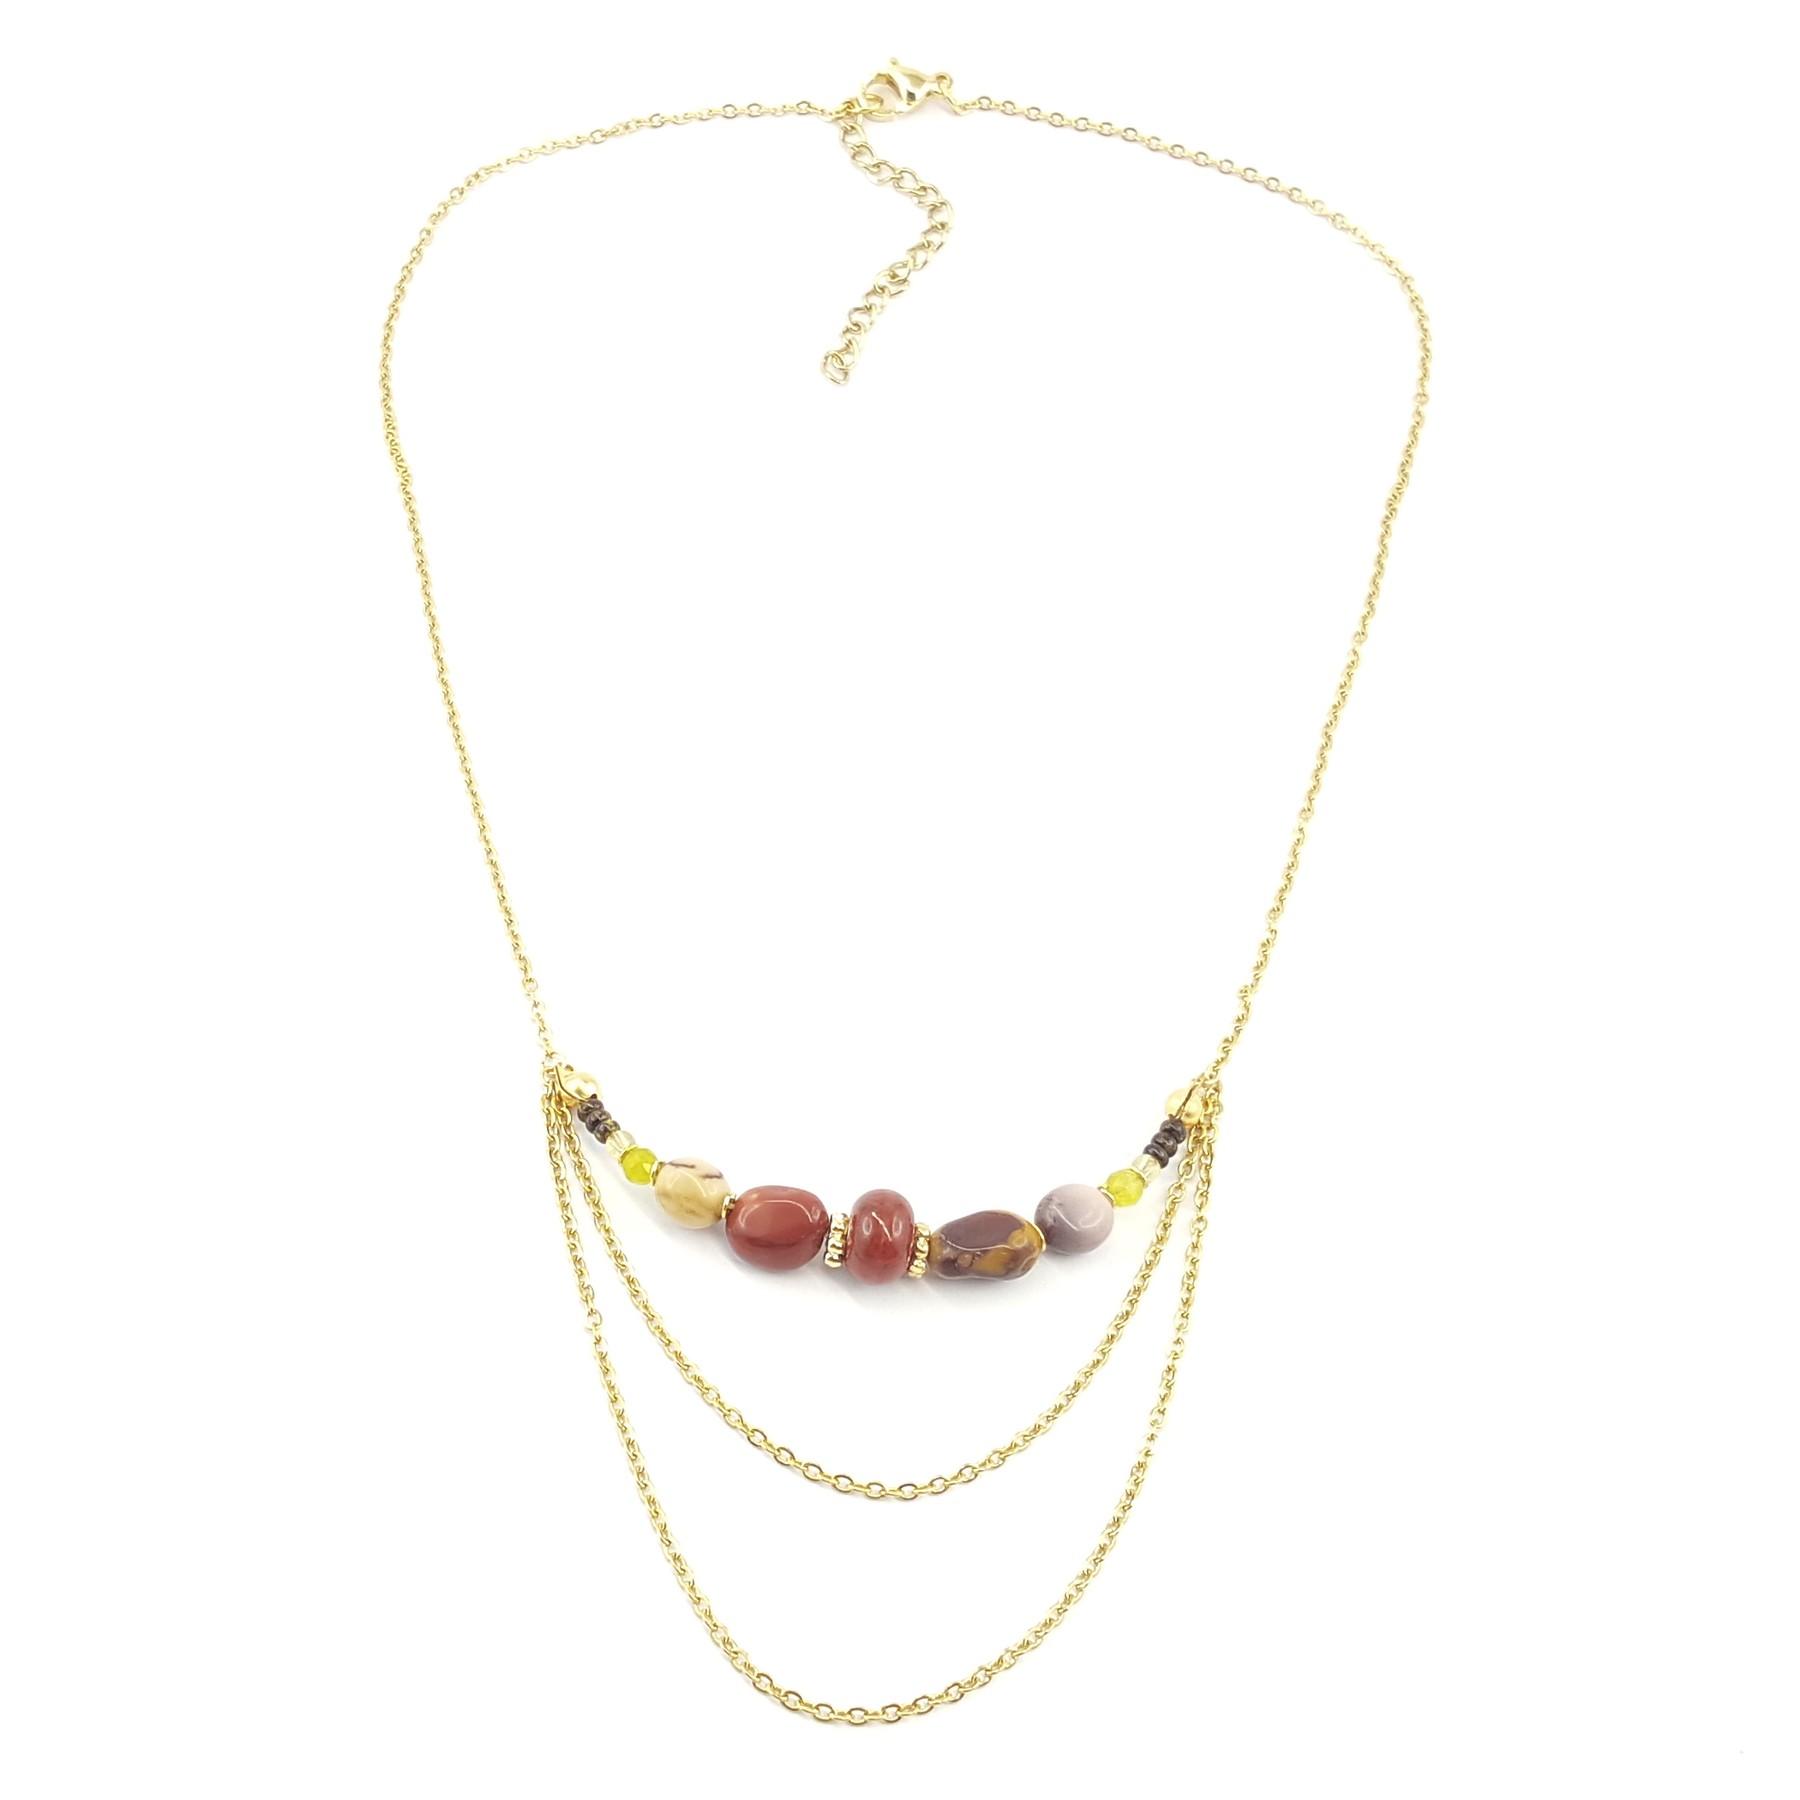 collier en acier inoxydable doré et mookaite - bijoux fantaisie en ligne - identités bijoux